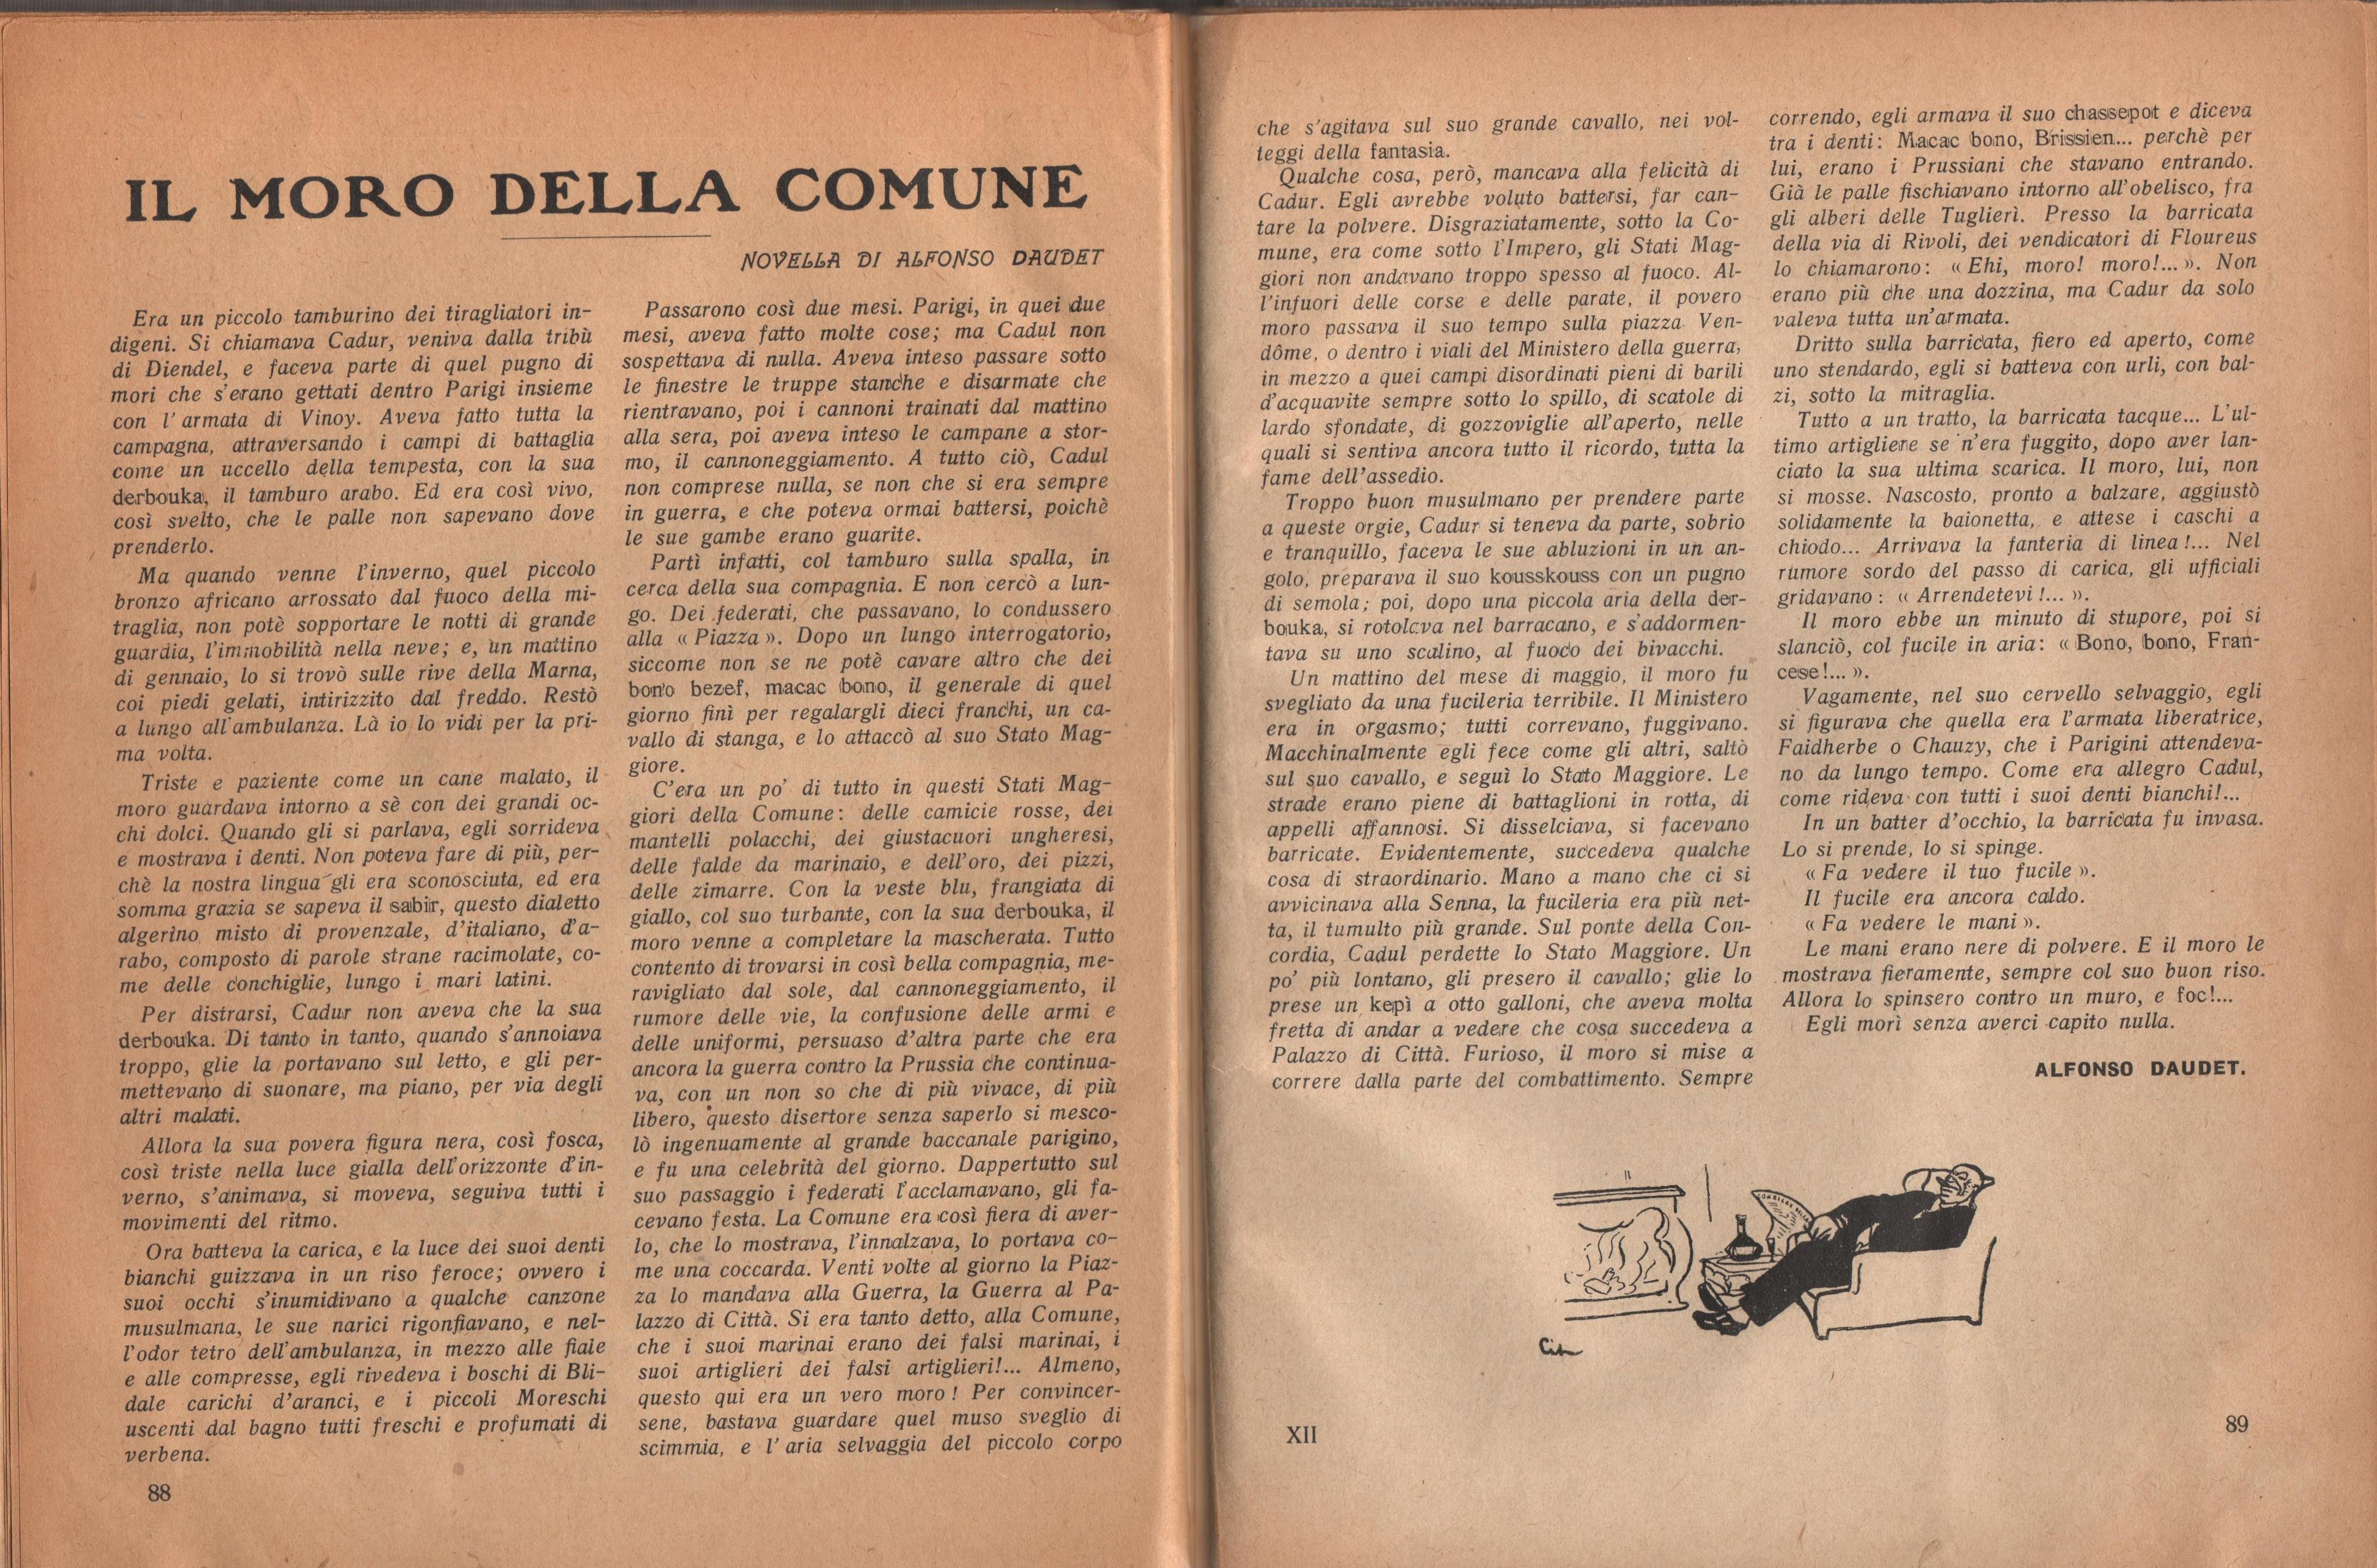 Almanacco comunista 1922 - pag. 53